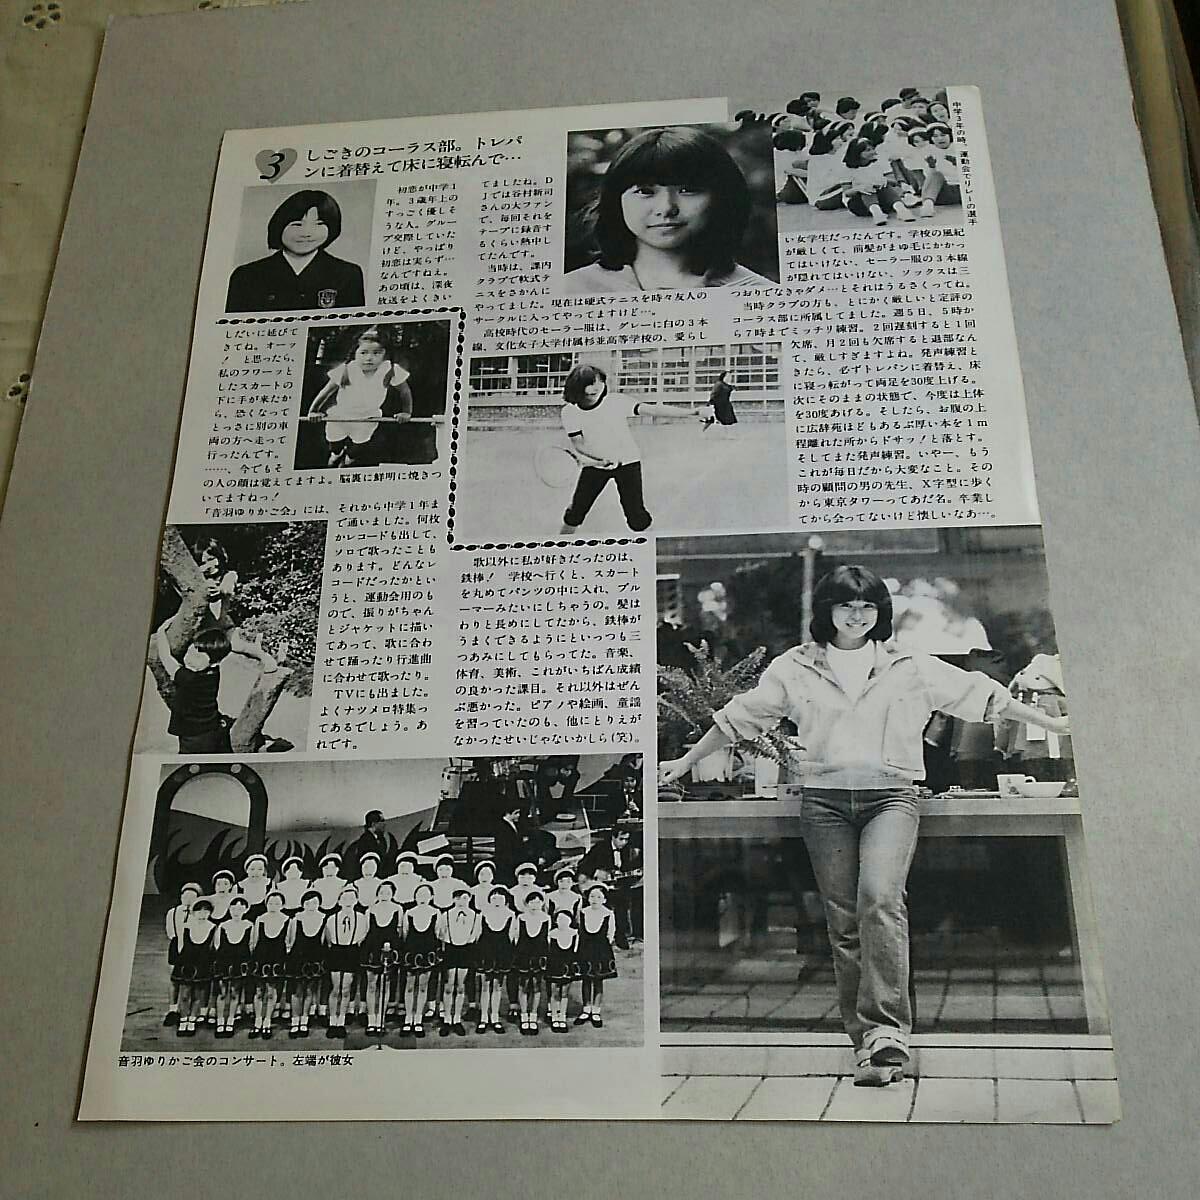 【激レア!!お宝!!大発掘写真記事70~80年代◆沢田聖子、幼少期写真◆切り抜き1P不世出一点物!!】